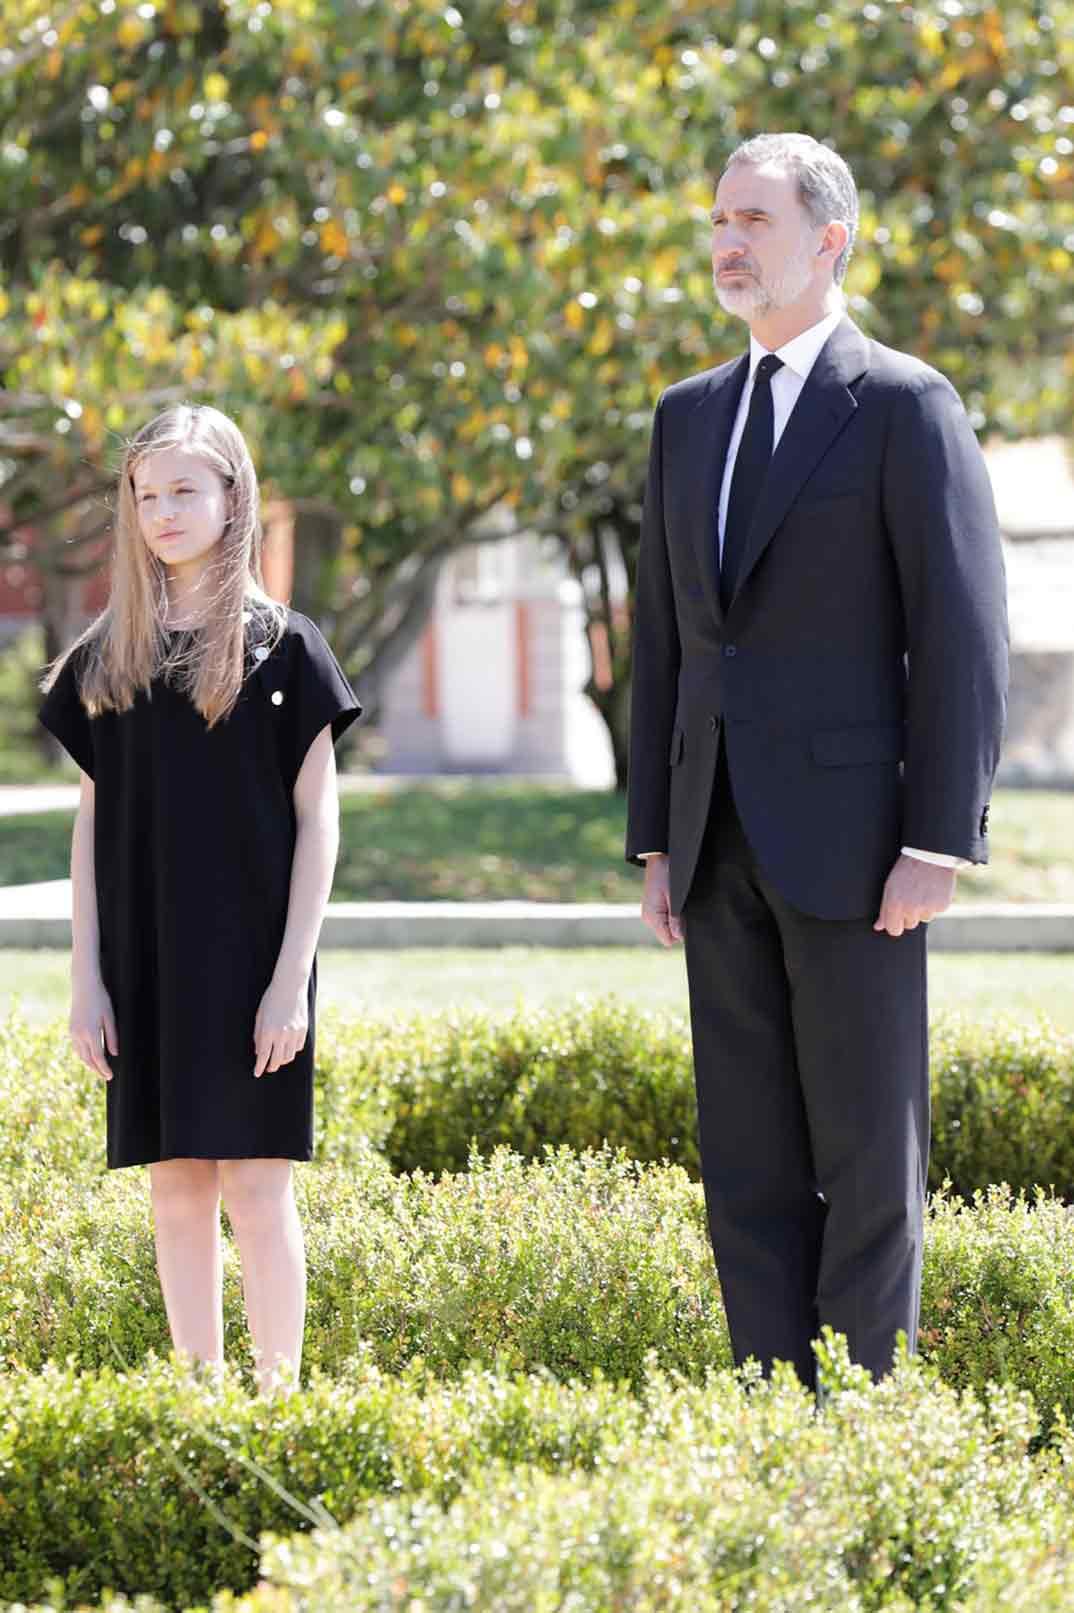 Princesa Leonor y Rey Felipe VI © Casa S.M. El Rey